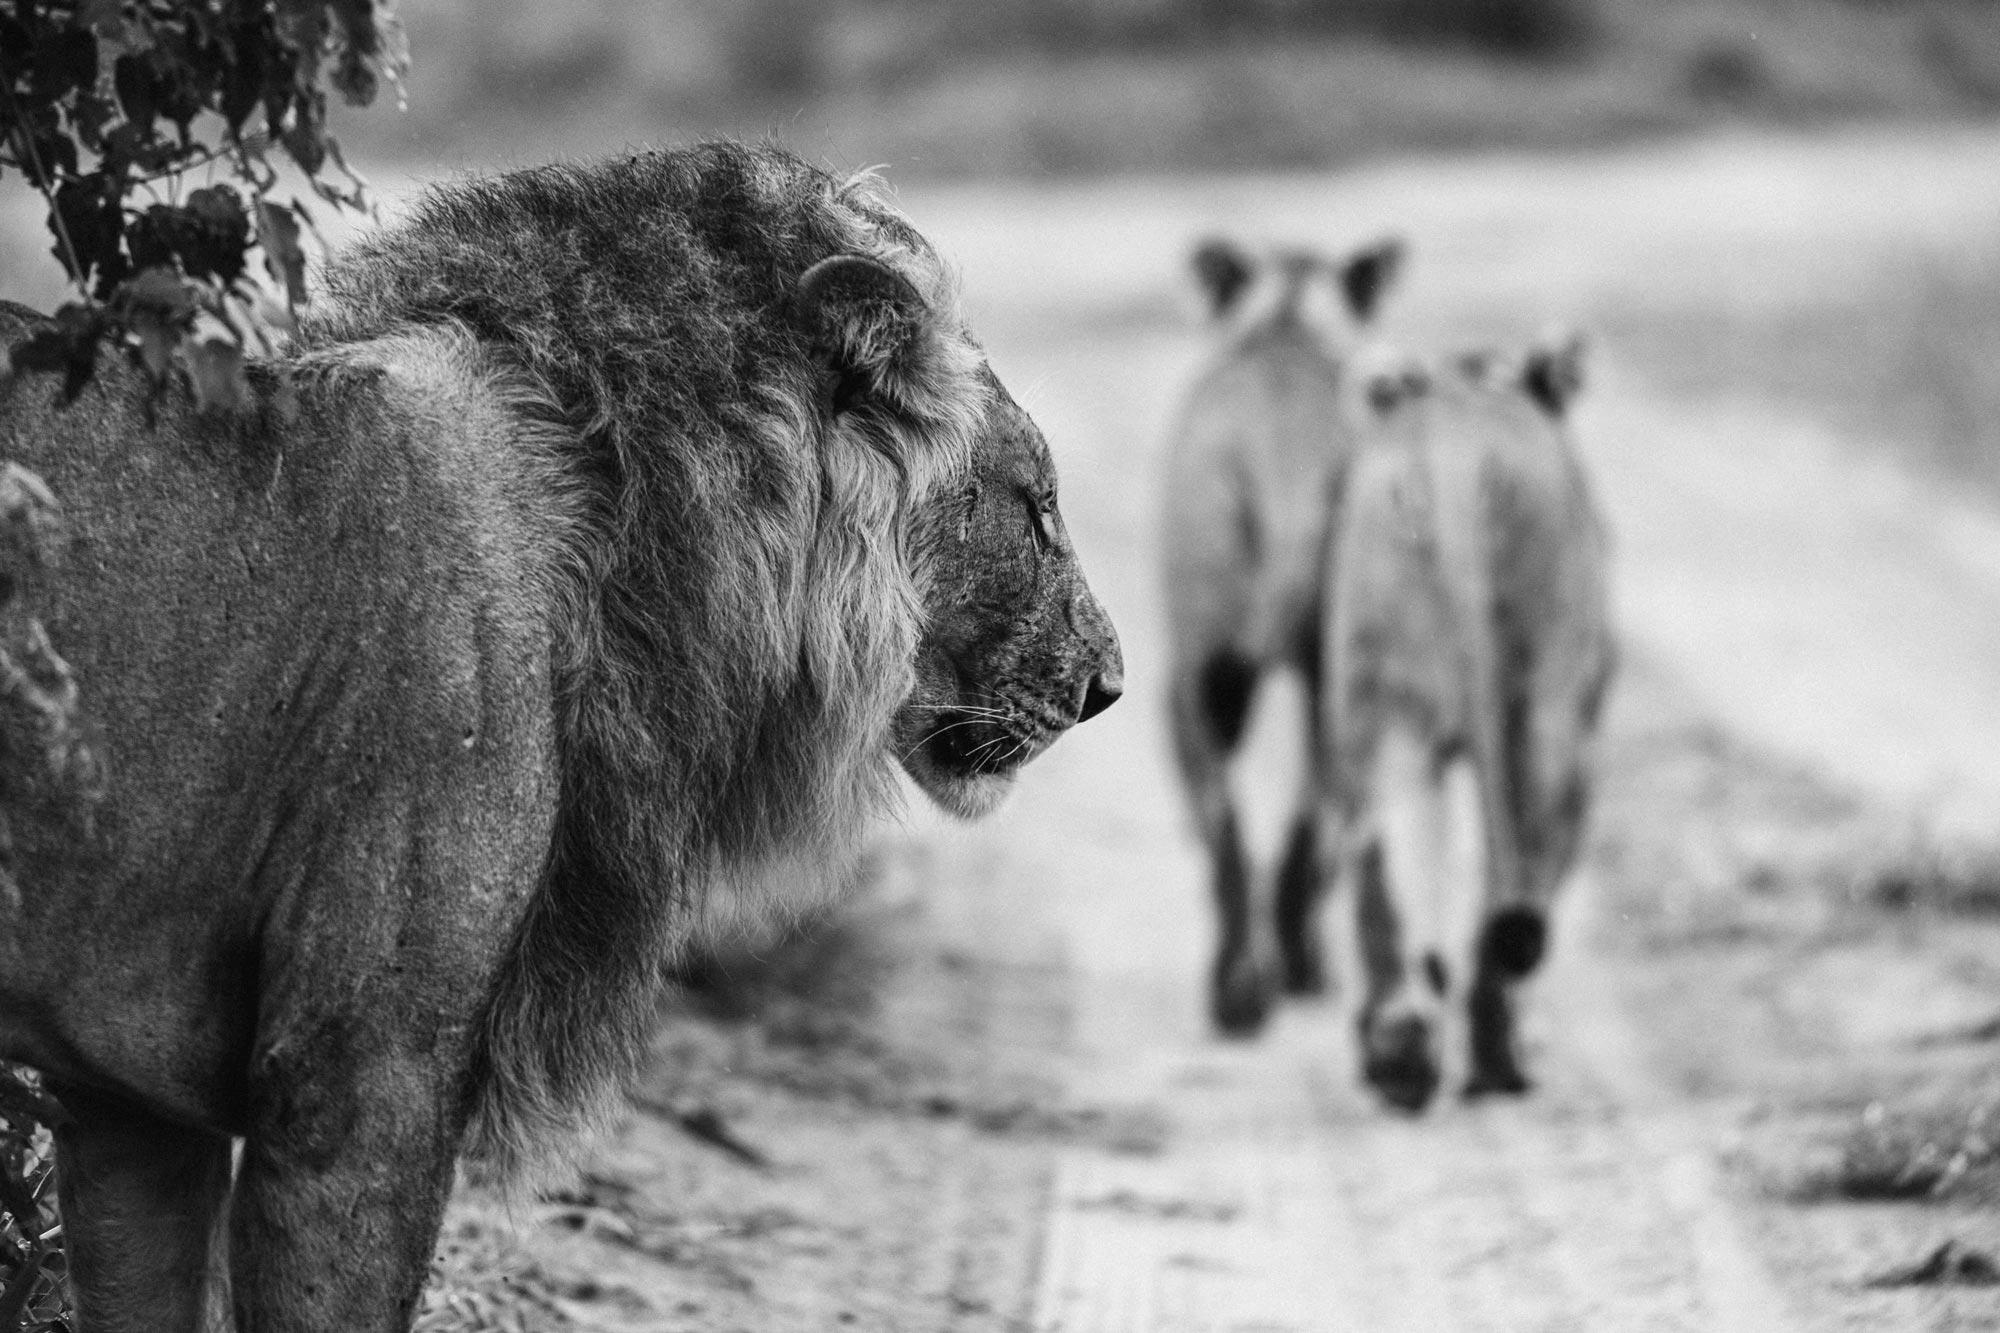 Voyage, Afrique, Botswana, Animaux, Sauvage, Reserves, Preservés, Espaces, étendues, Brousse, Elephants, Autruches, Rhinocéros, Girafes, Oiseaux, Lions, Lionnes, Hippopotames, Paysages, Marais, Biches, Impalas, Aigle, Delta, Okavango, Chutes, Eau, Victoria, Botswana, Zimbabwe, Zebres, Gnous,